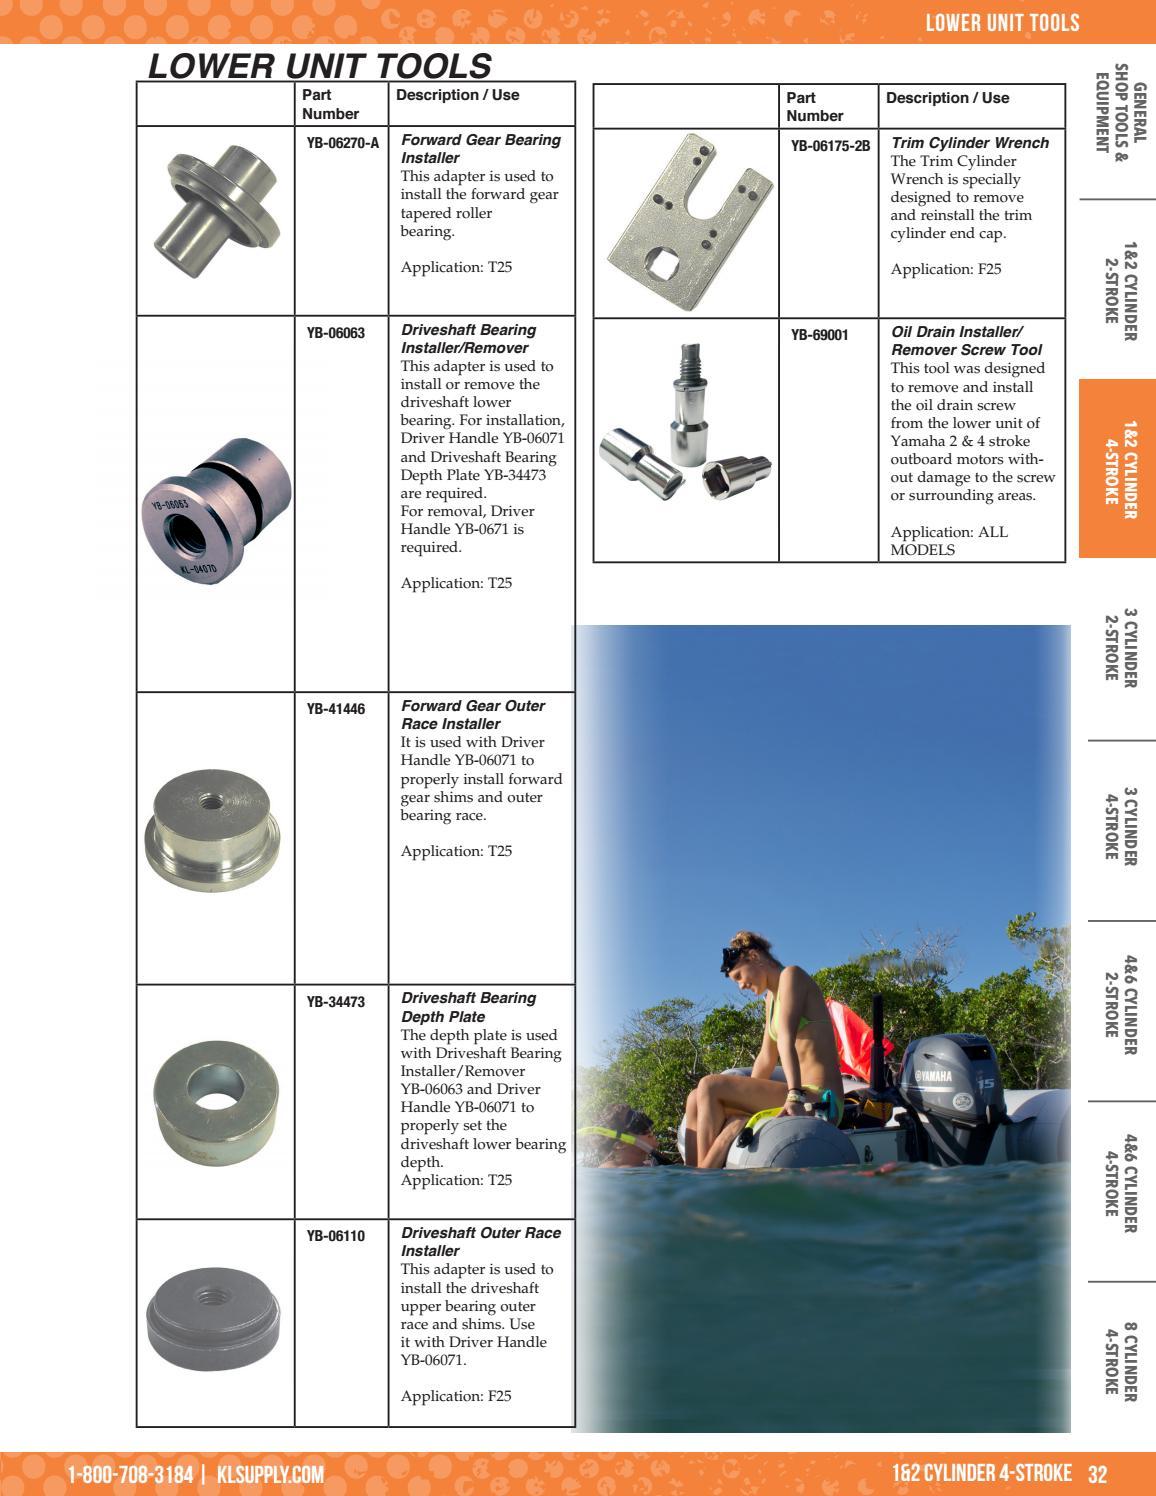 2017 Yamaha Marine Specialty Tool Catalog by K&L Supply